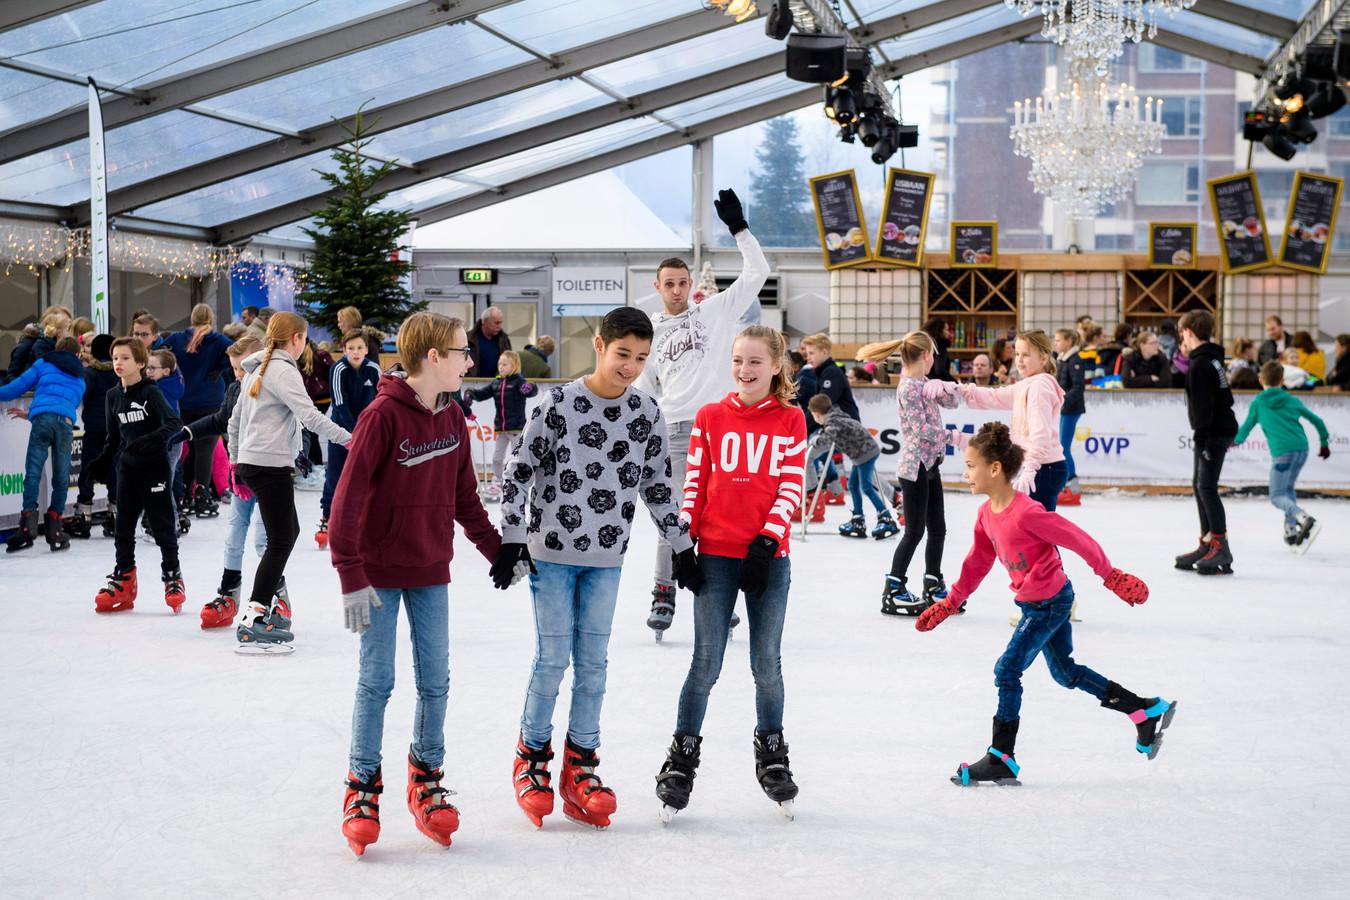 De ijsbaan, januari 2019.